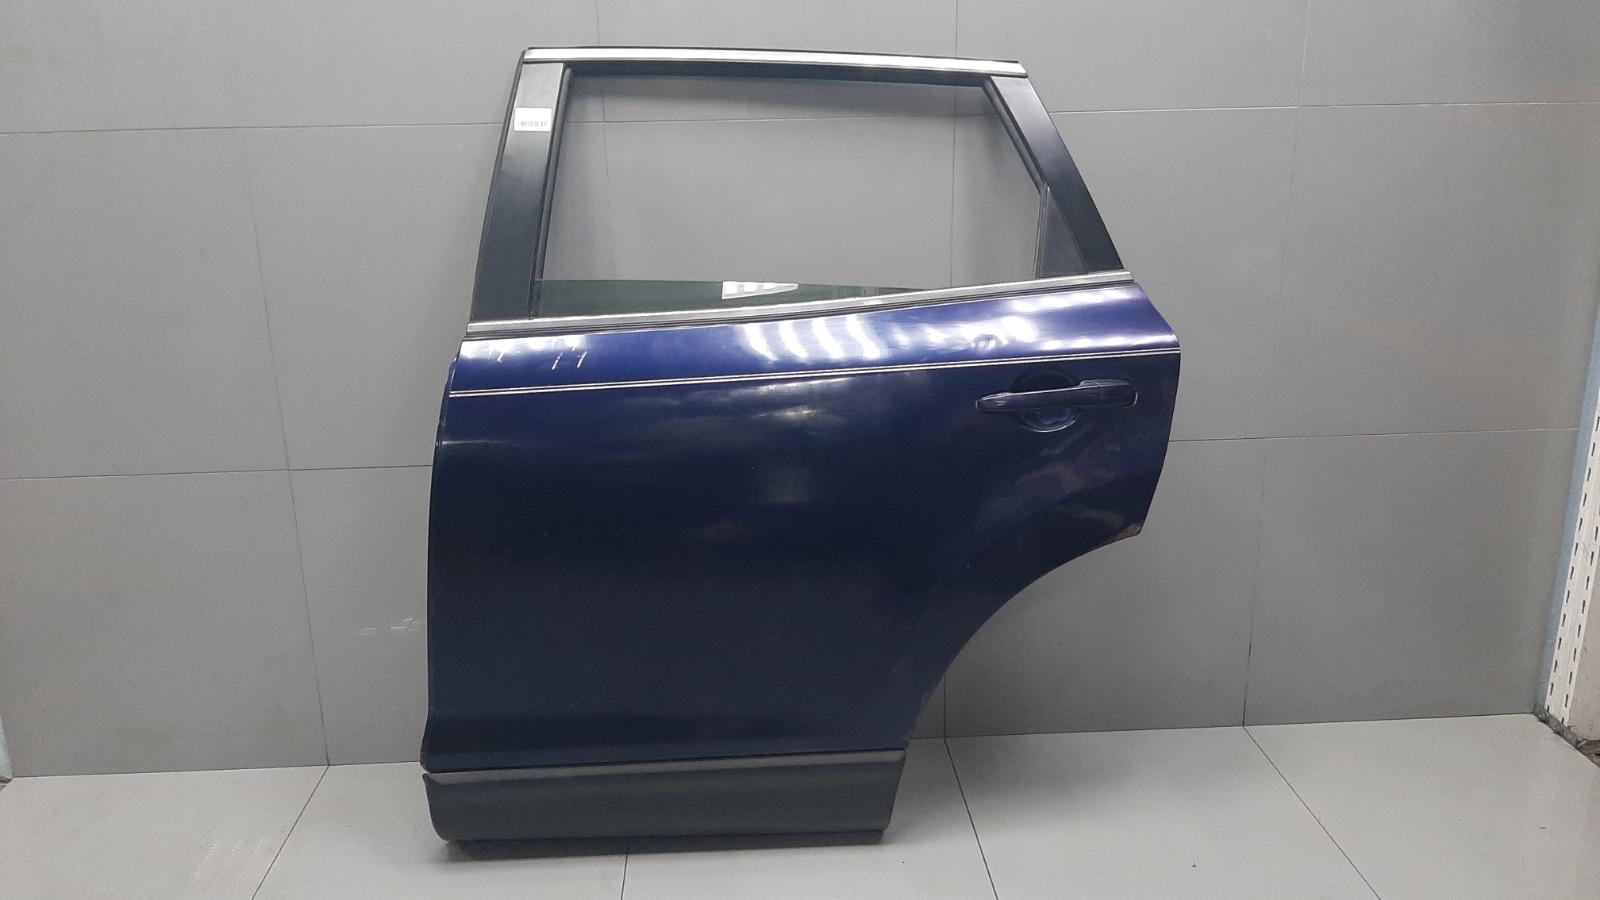 Дверь Mazda Cx 9 3.7 2009 задняя левая (б/у)